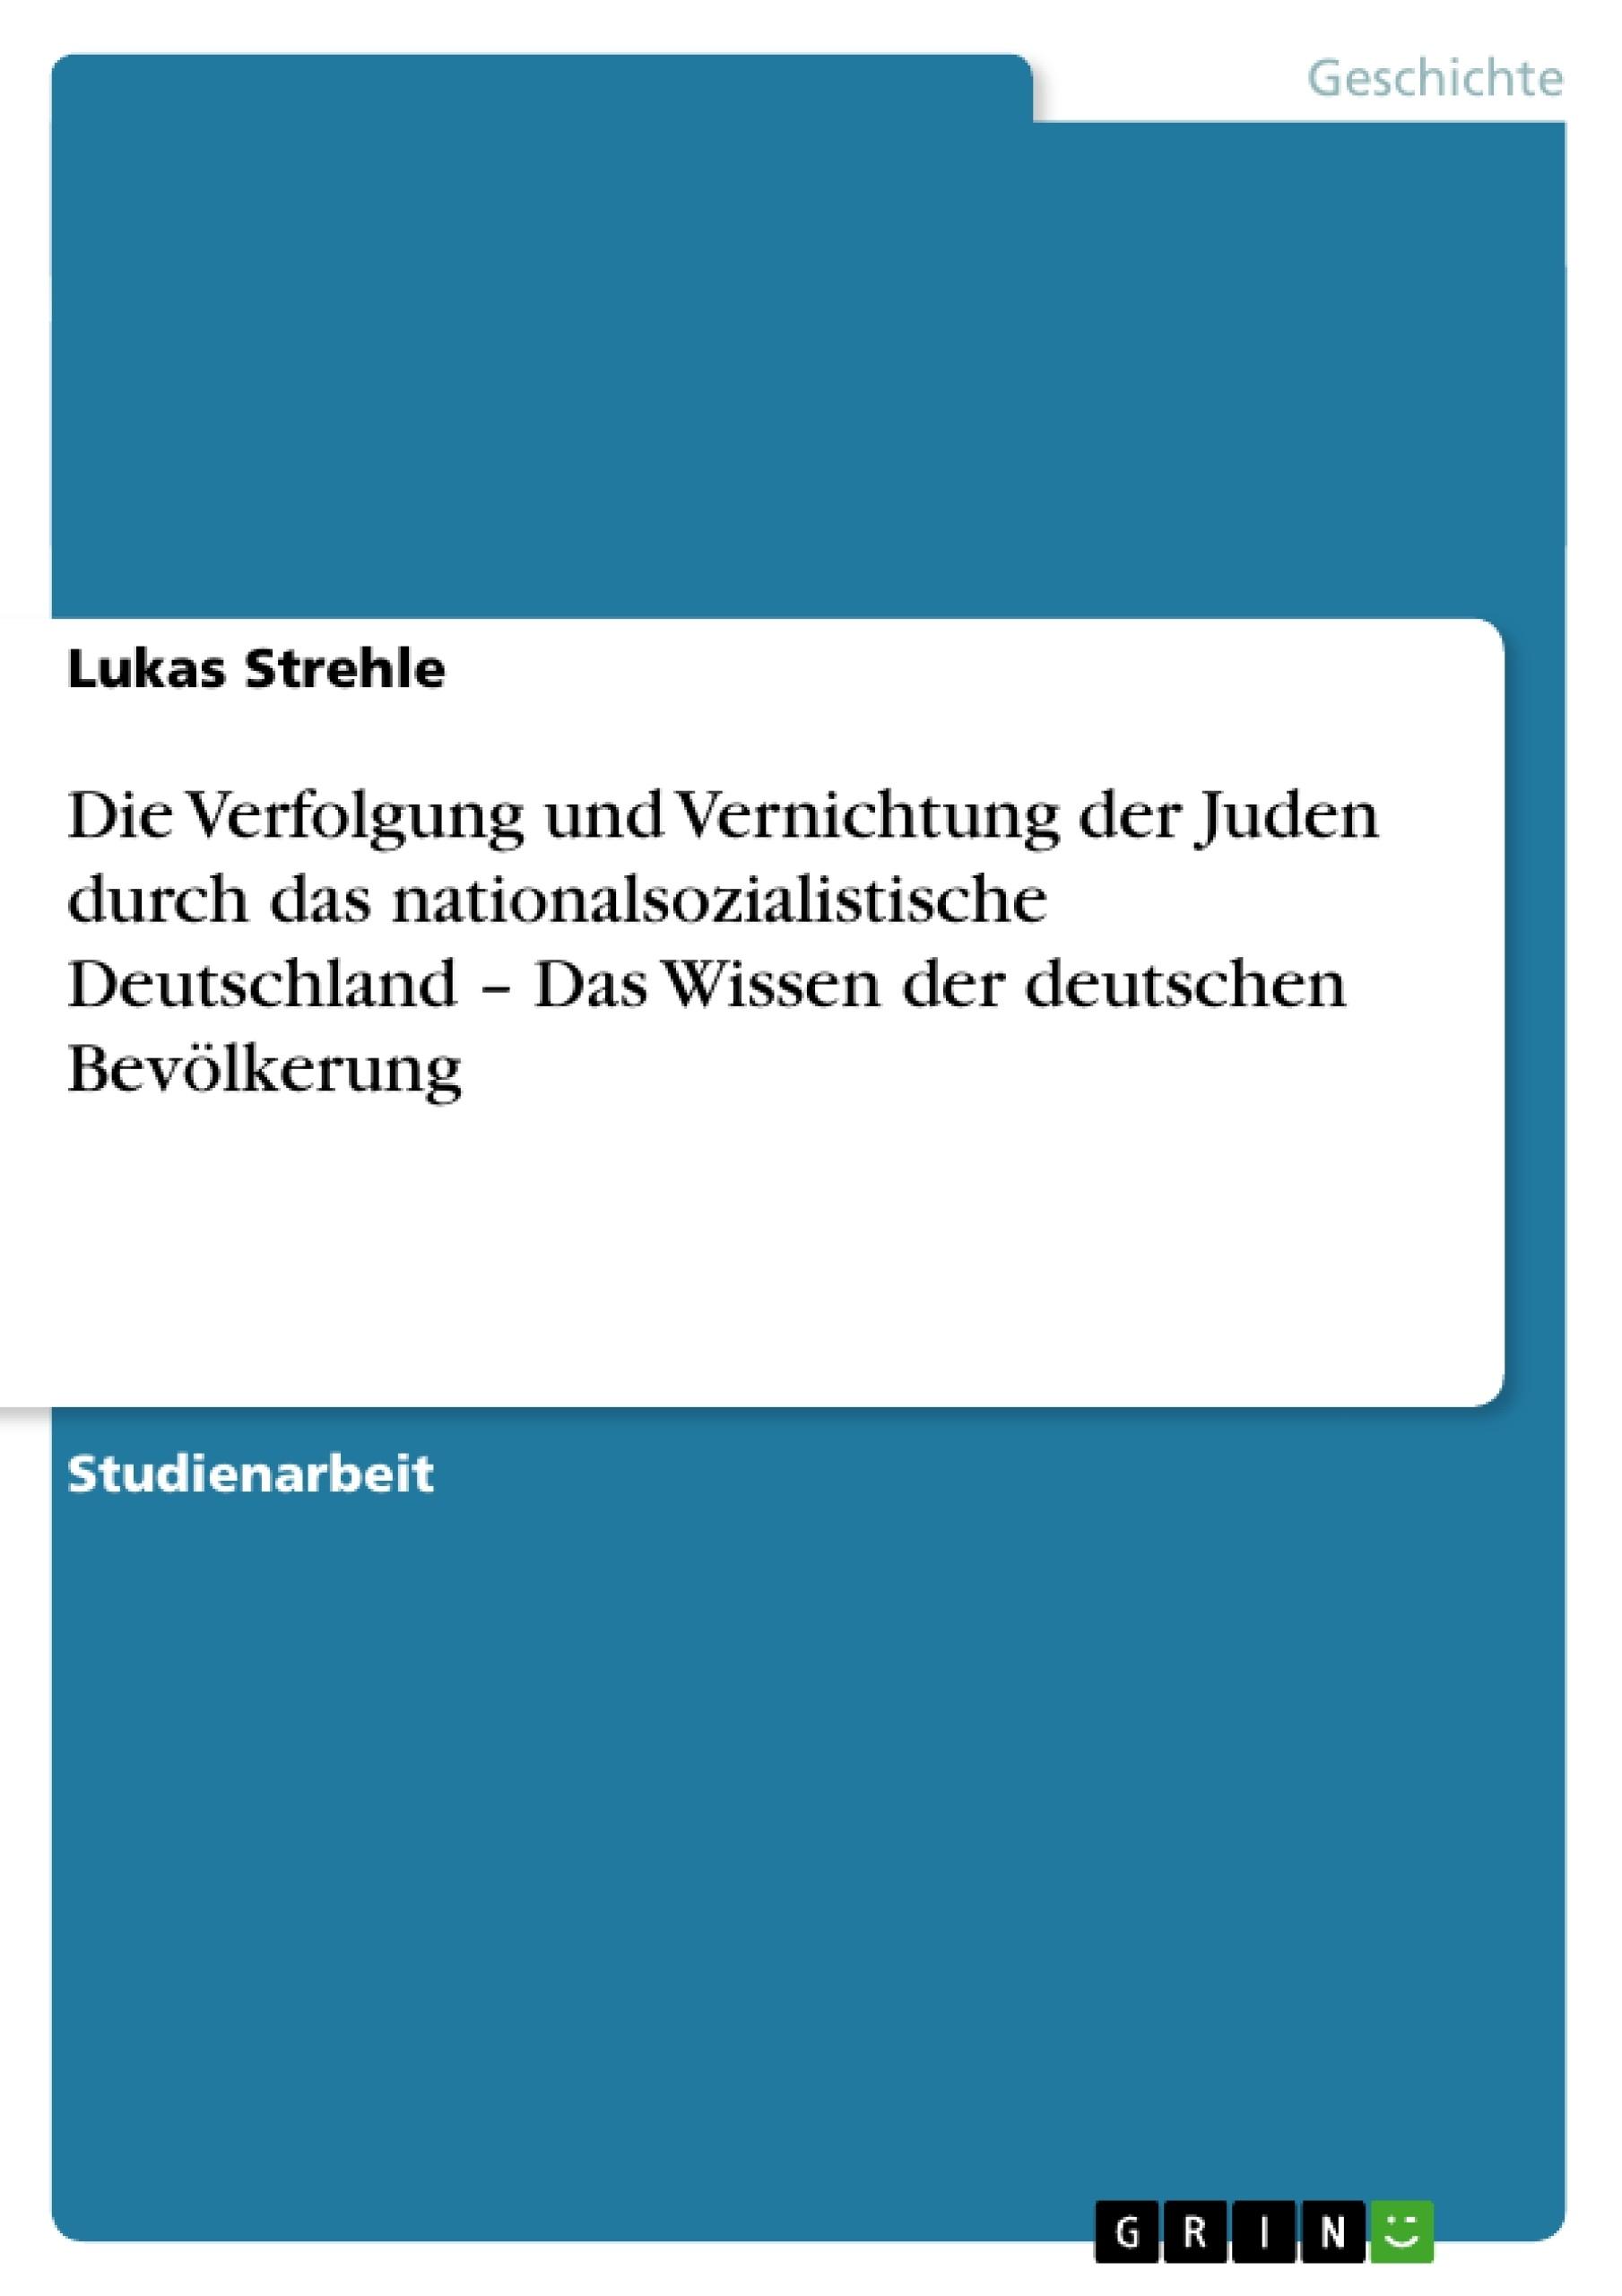 Titel: Die Verfolgung und Vernichtung der Juden durch das nationalsozialistische Deutschland – Das Wissen der deutschen Bevölkerung